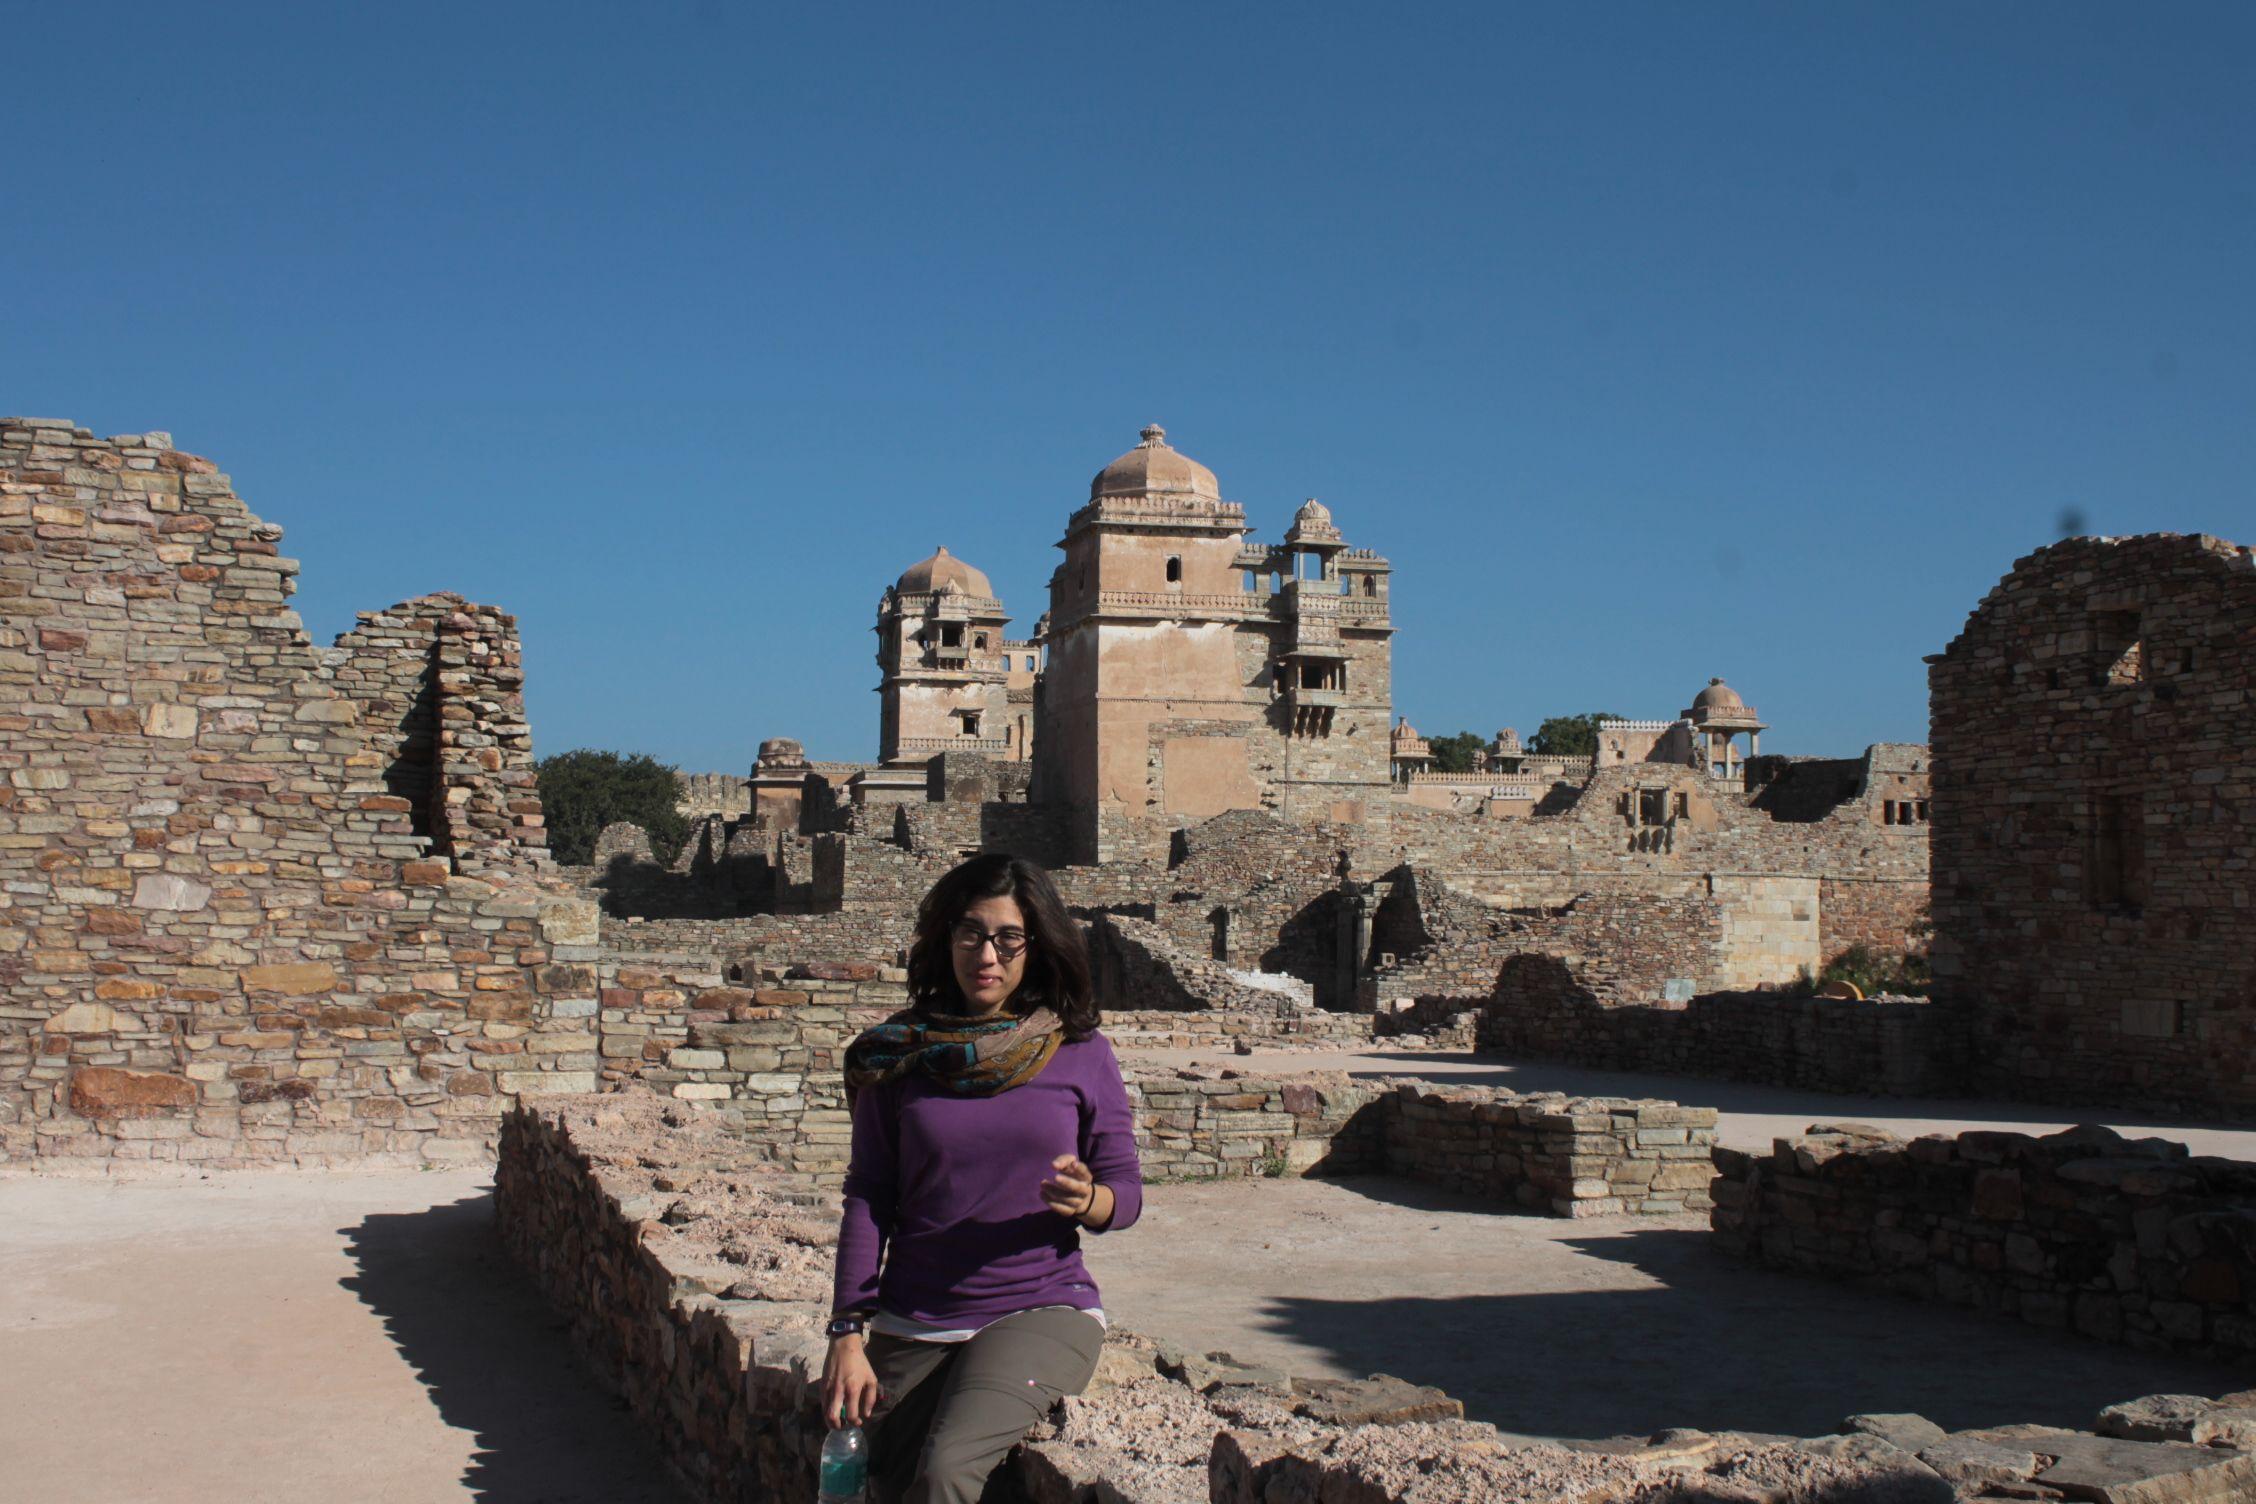 Roser en uno de los palacios del fuerte de Chittorgah